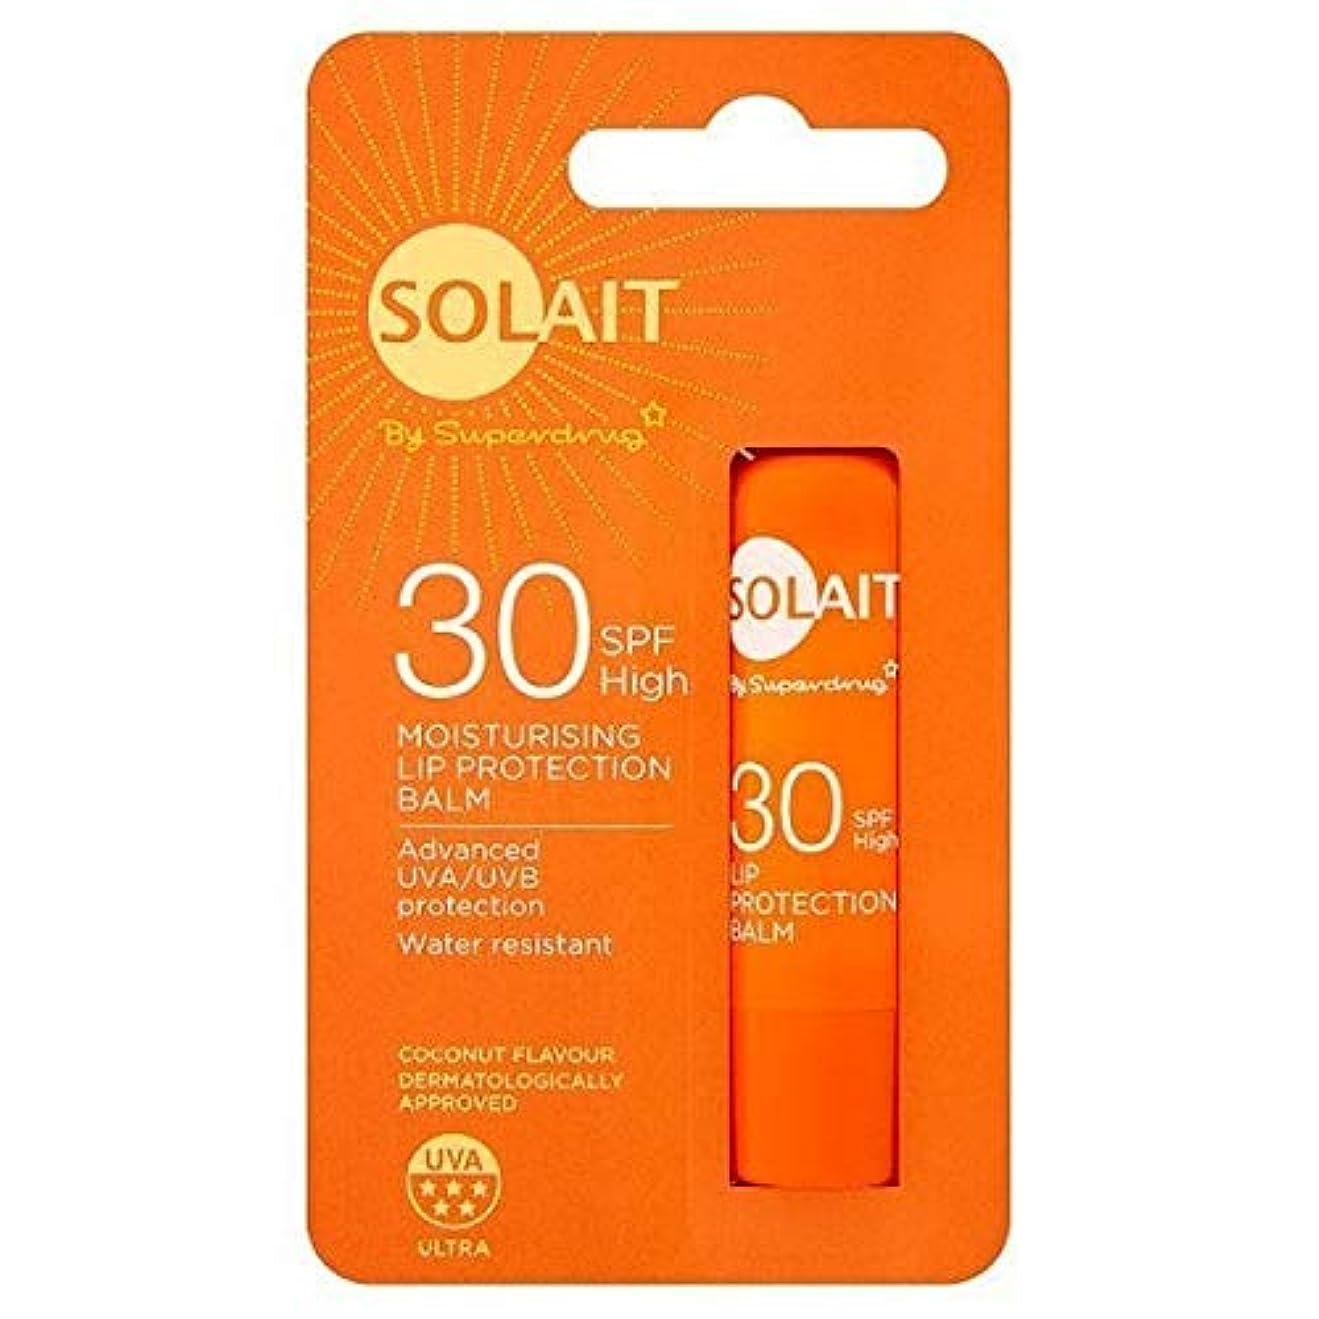 忌避剤マニア国籍[Solait] SolaitリッププロテクタースティックSpf30の4,8G - Solait Lip Protector Stick SPF30 4,8g [並行輸入品]